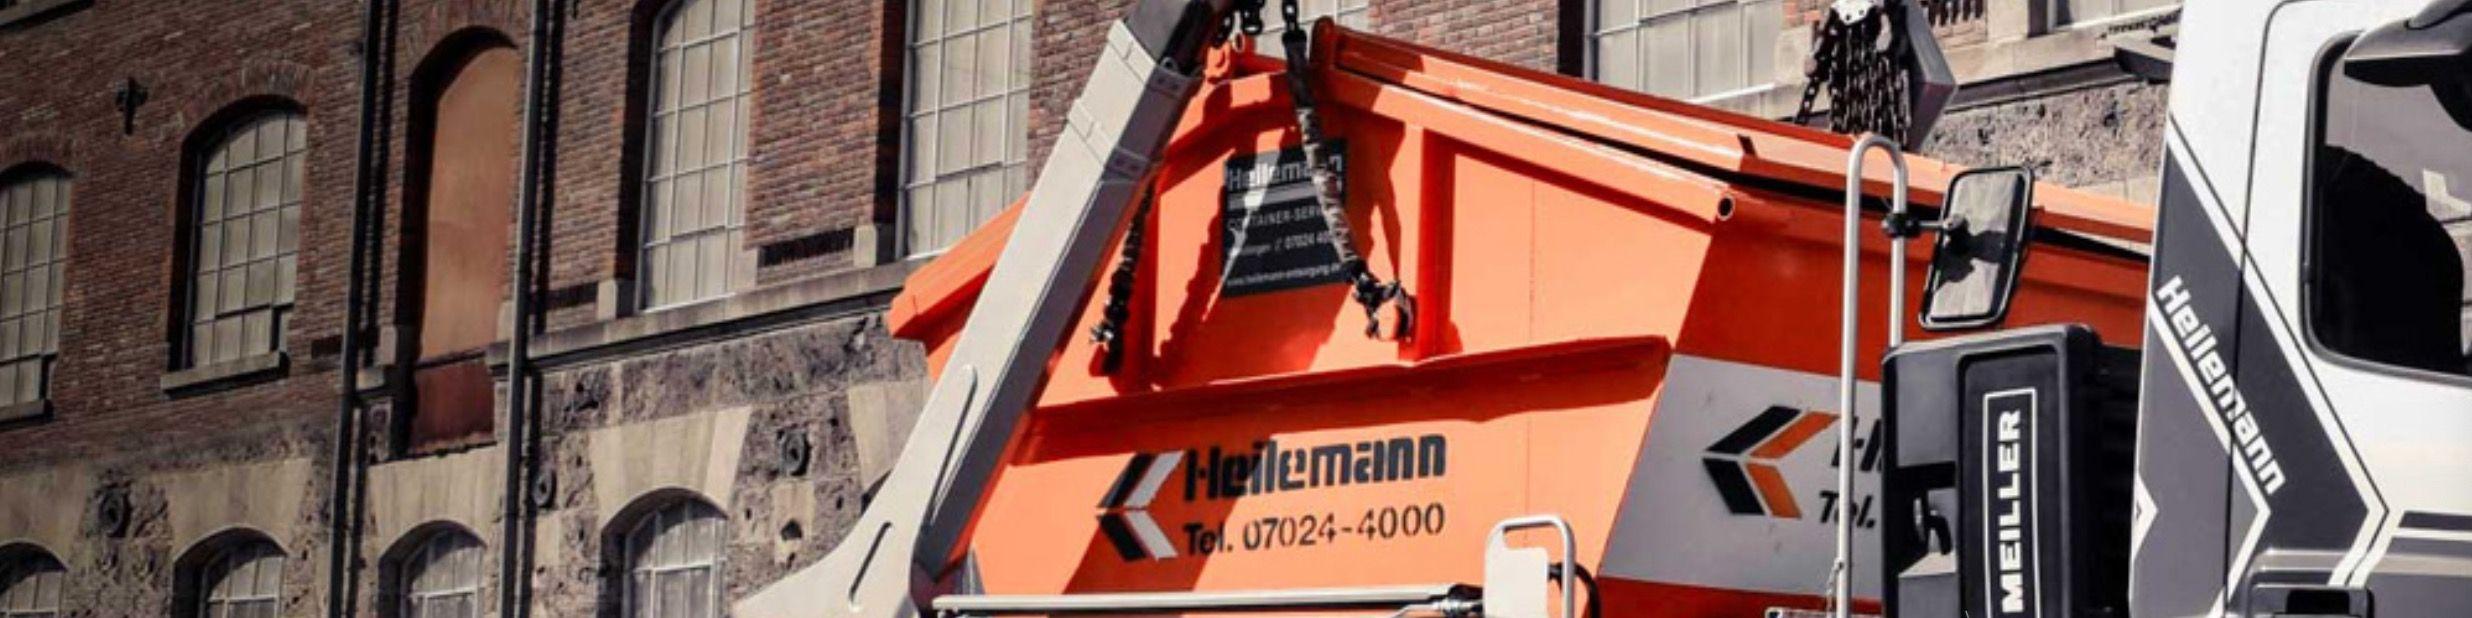 Titelbild von HEILEMANN UMWELT-SERVICE